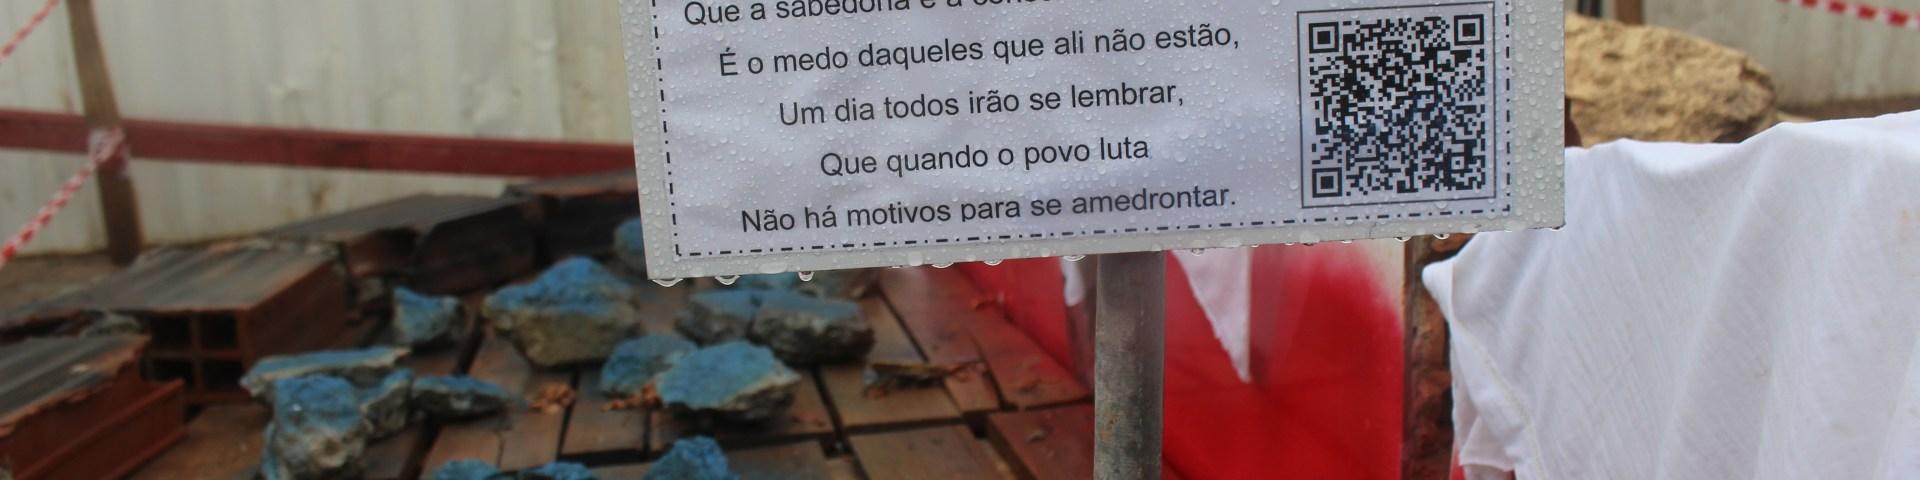 """""""Vila de Todos os Santos"""" representa a Casa de Nanã no percurso do Museu das Remoções. O texto é de autoria de Pedro, um dos apoiadores da Vila. l Foto: Miriane Peregrino"""